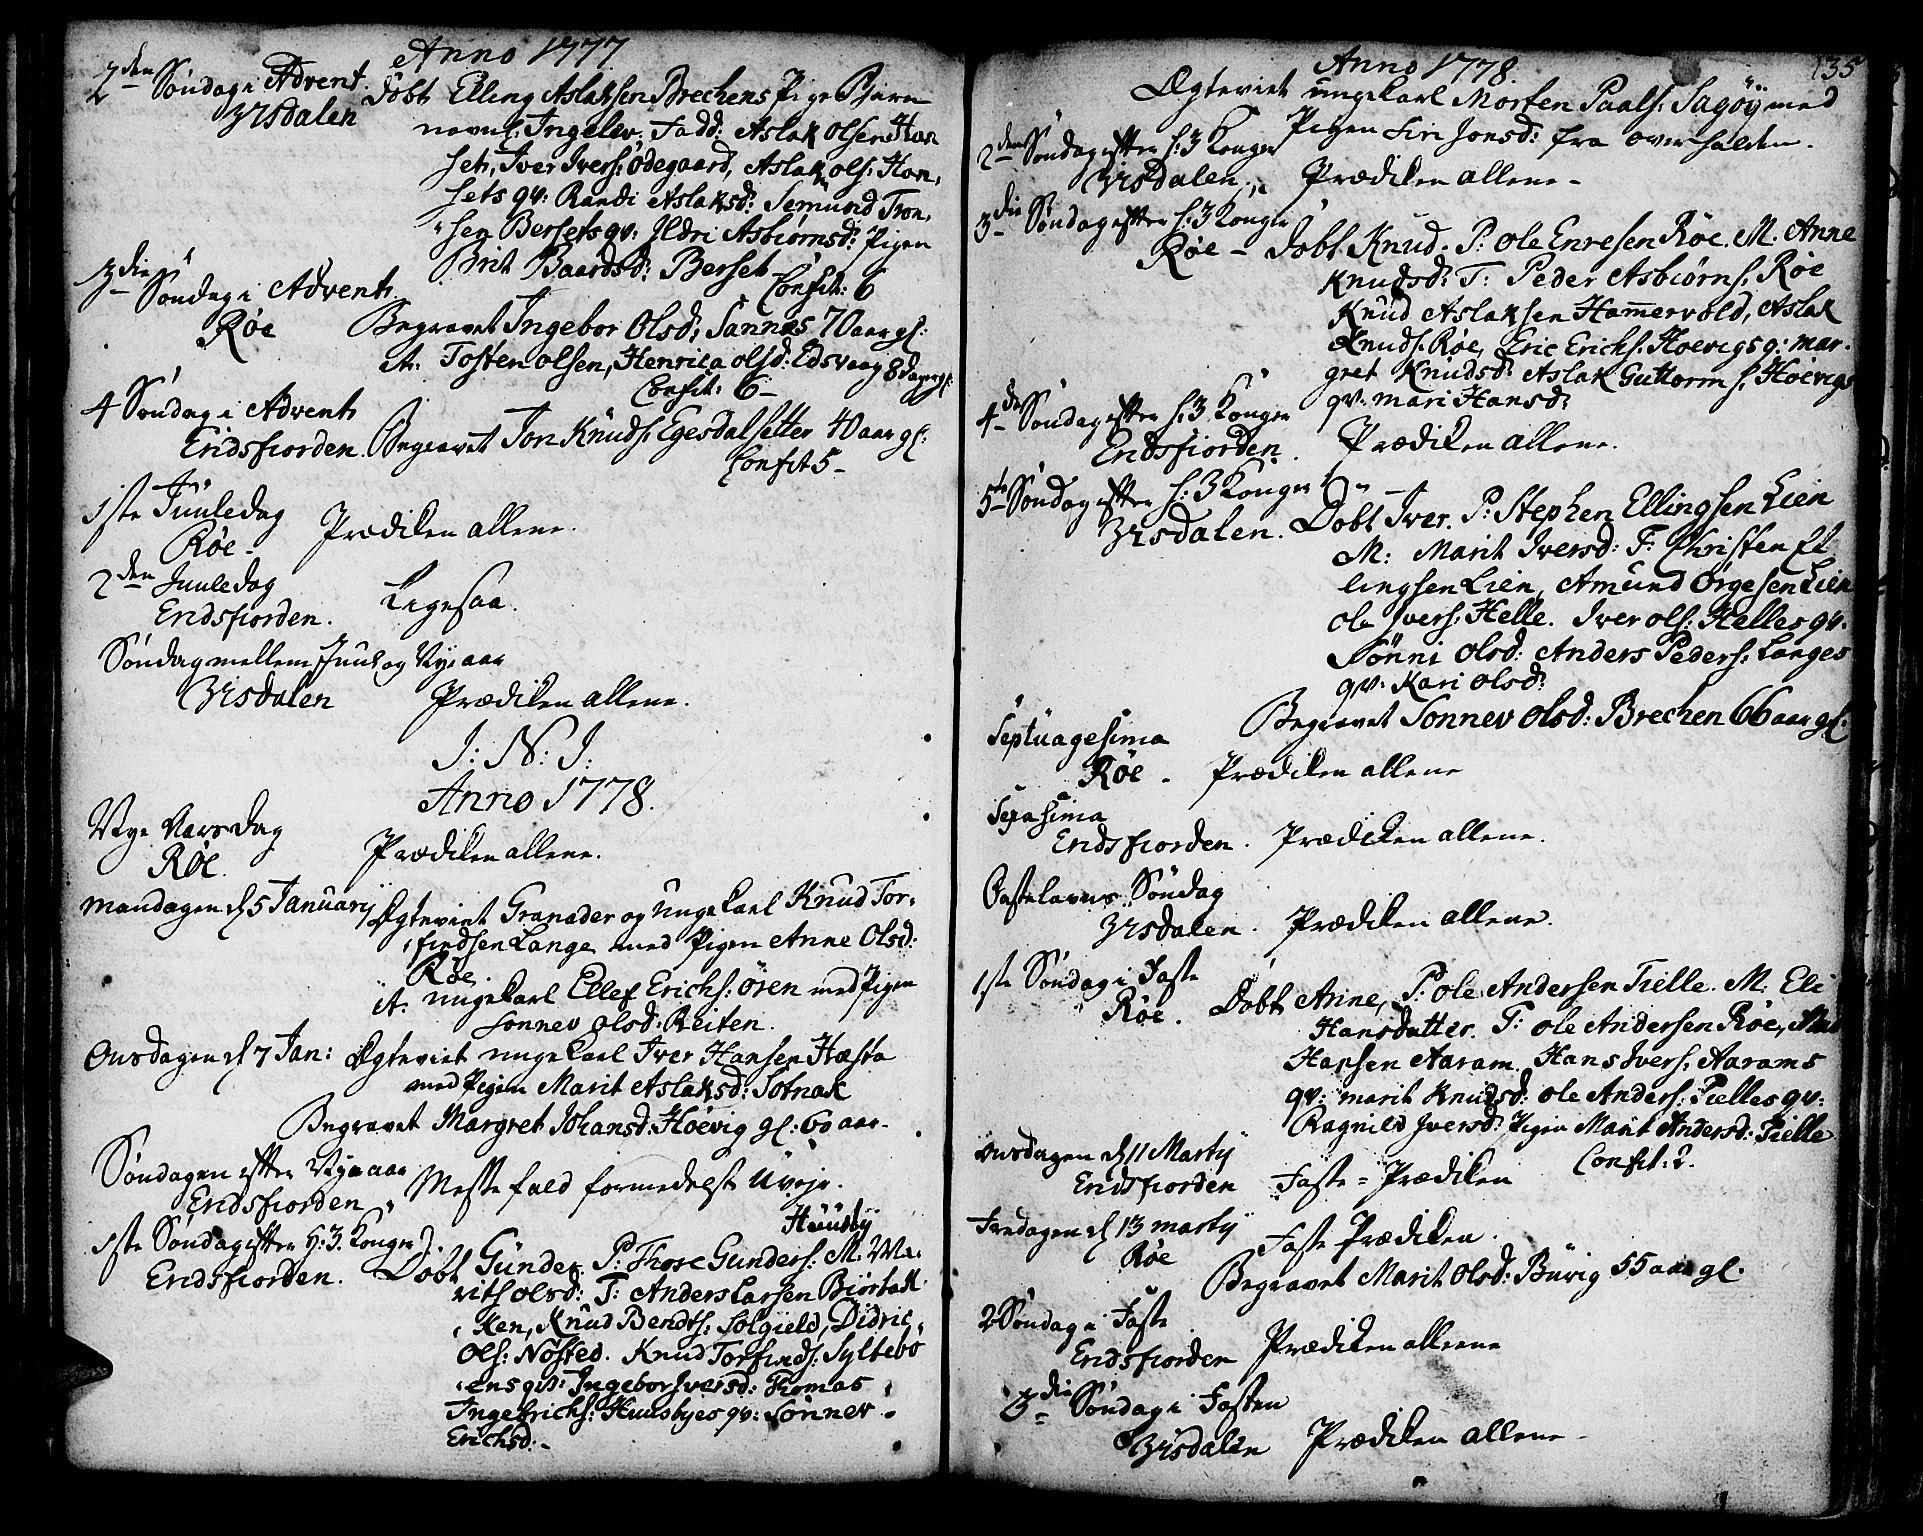 SAT, Ministerialprotokoller, klokkerbøker og fødselsregistre - Møre og Romsdal, 551/L0621: Ministerialbok nr. 551A01, 1757-1803, s. 135